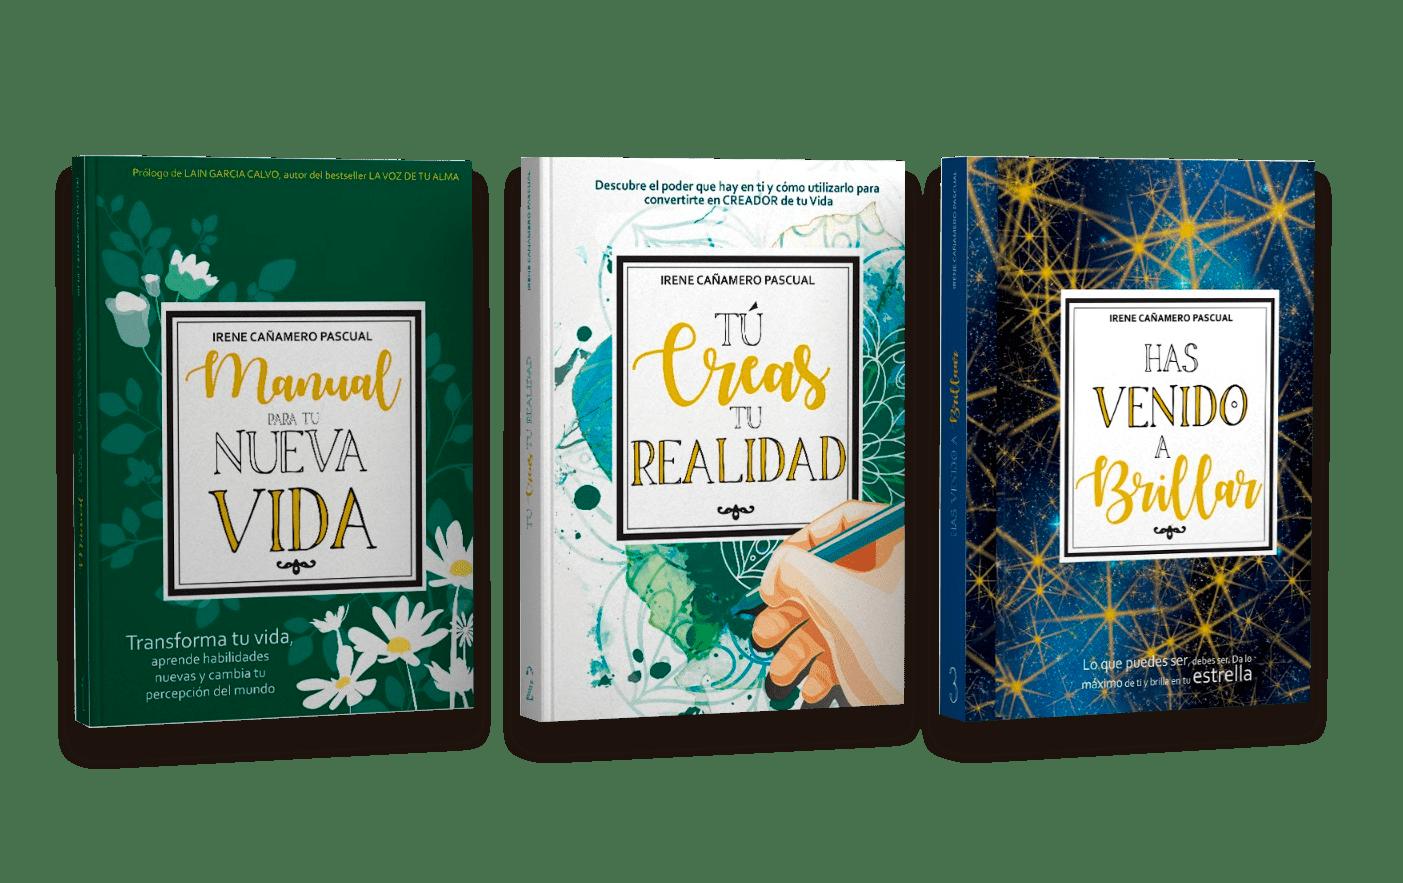 trilogía irene cañamero pascual